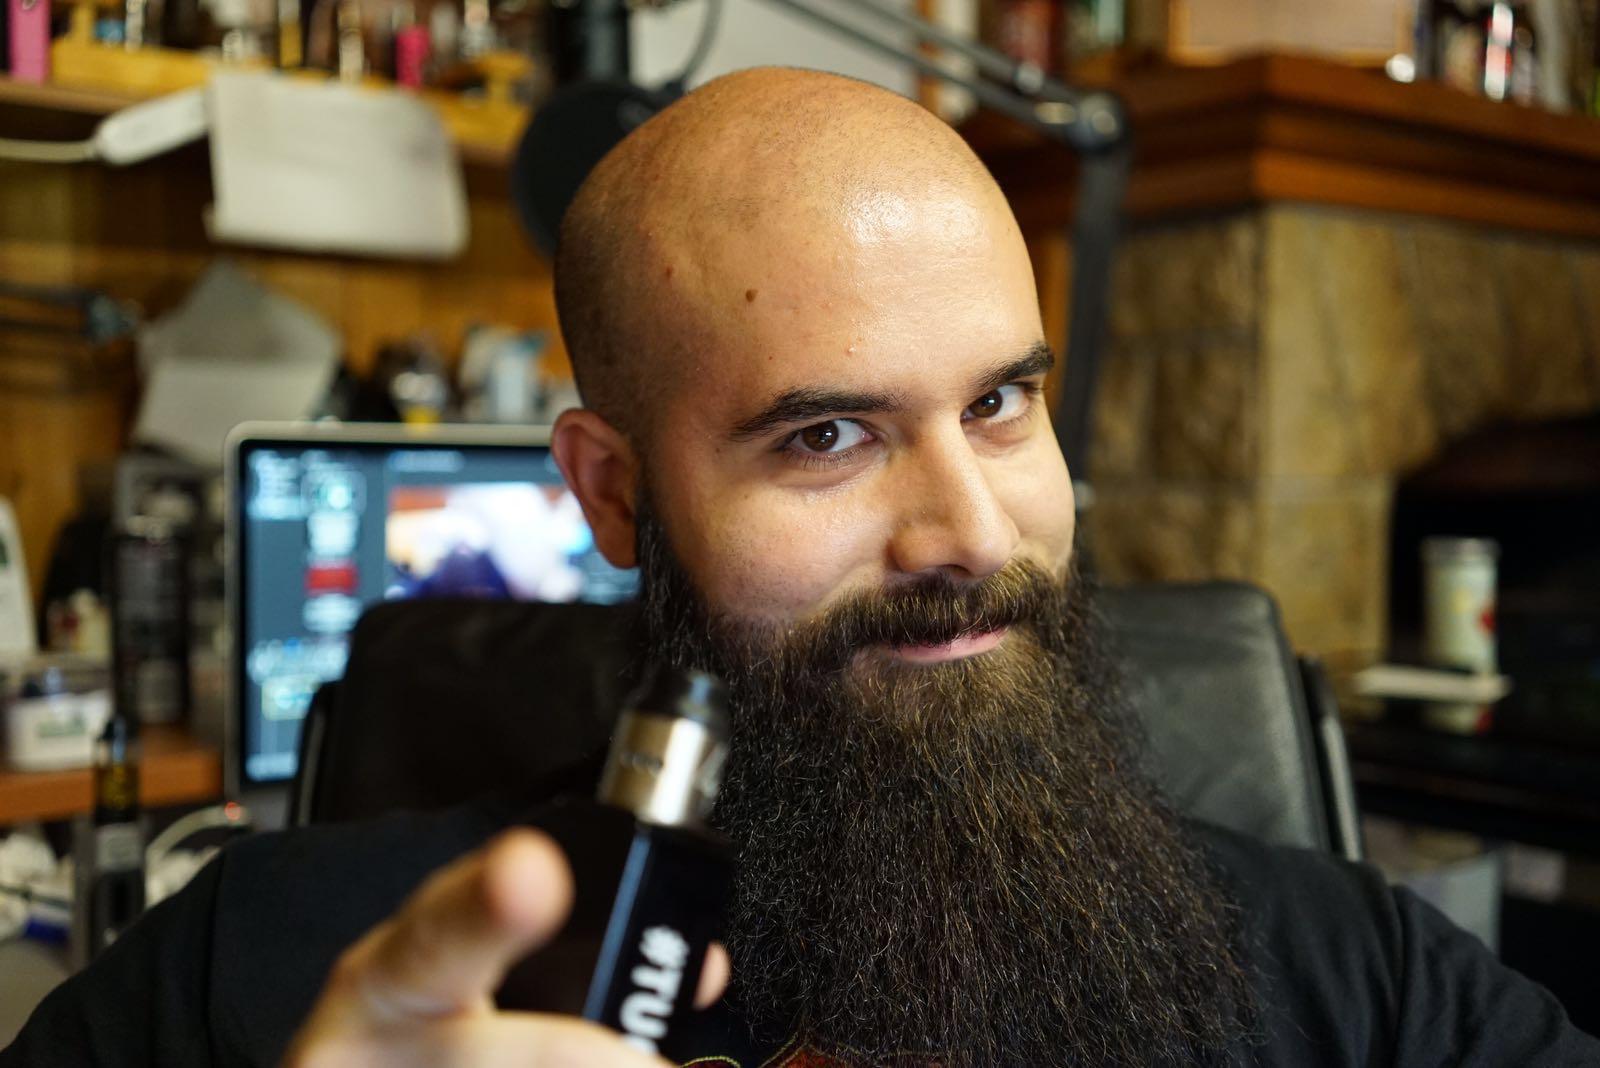 Poddone Liquido Il Santone Dello Svapo Gusto Tabacco Acquista su www.smo-kingshop.it